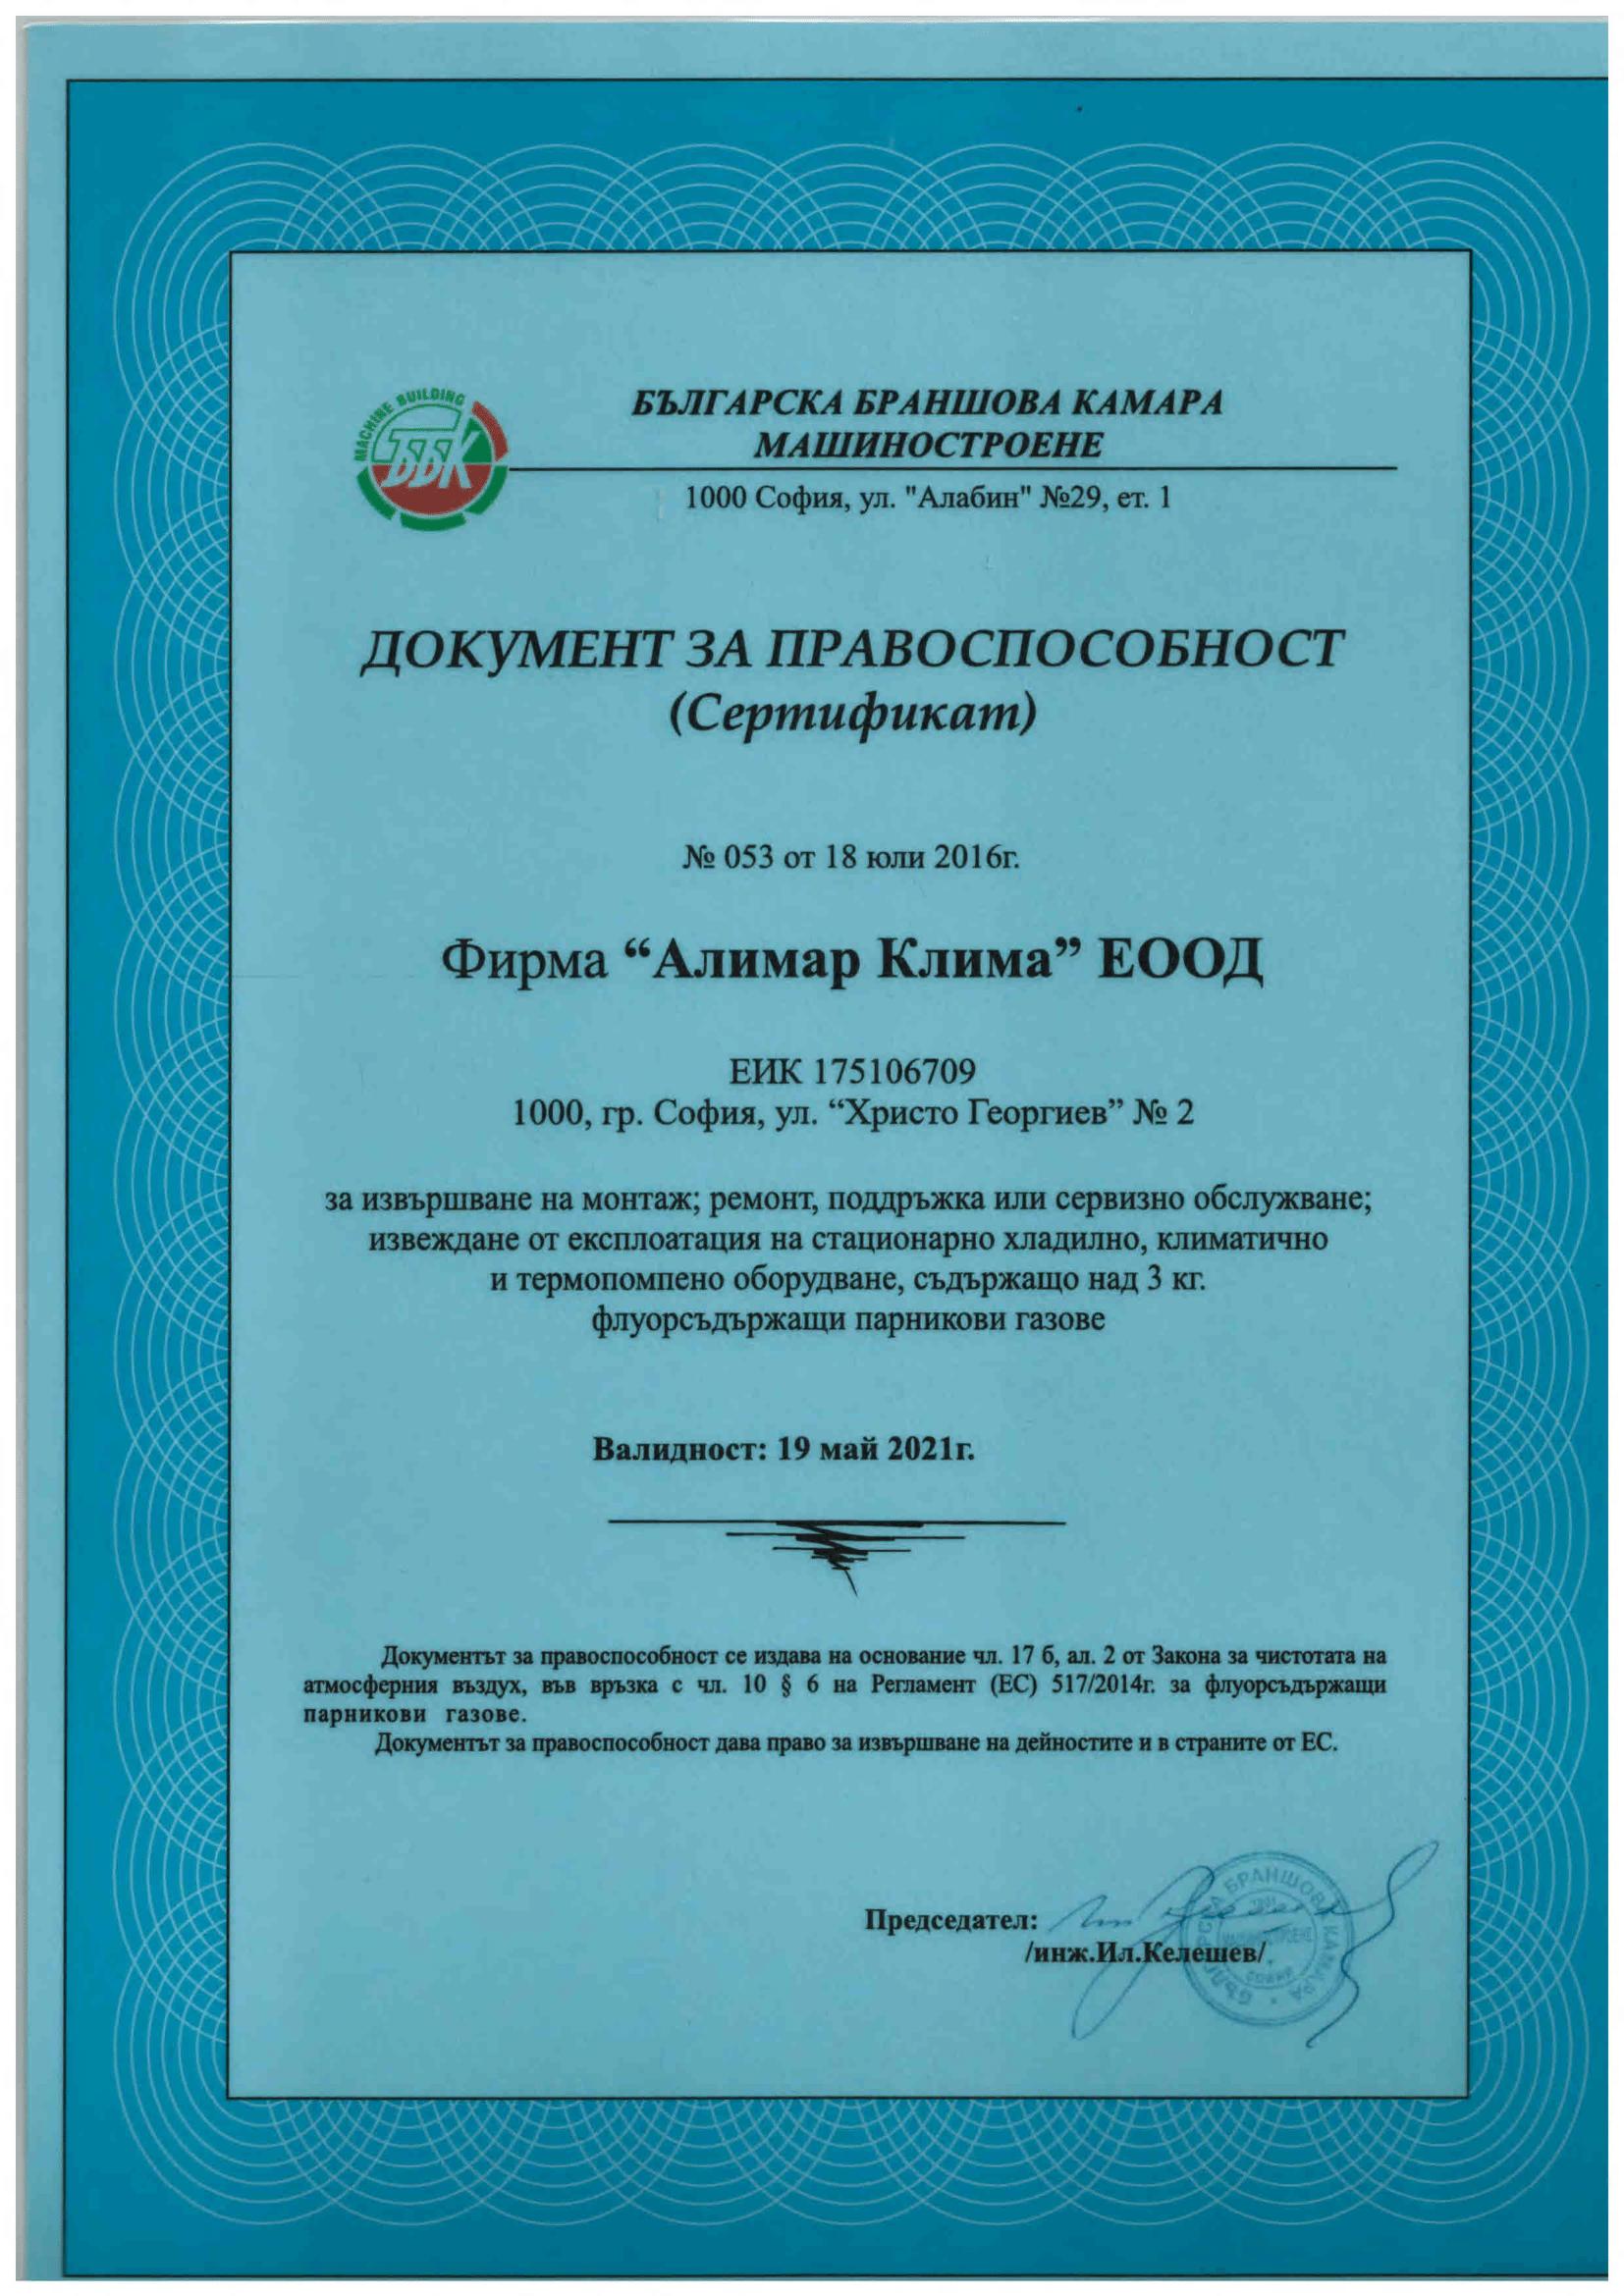 ББКМ - Документ за правоспособност